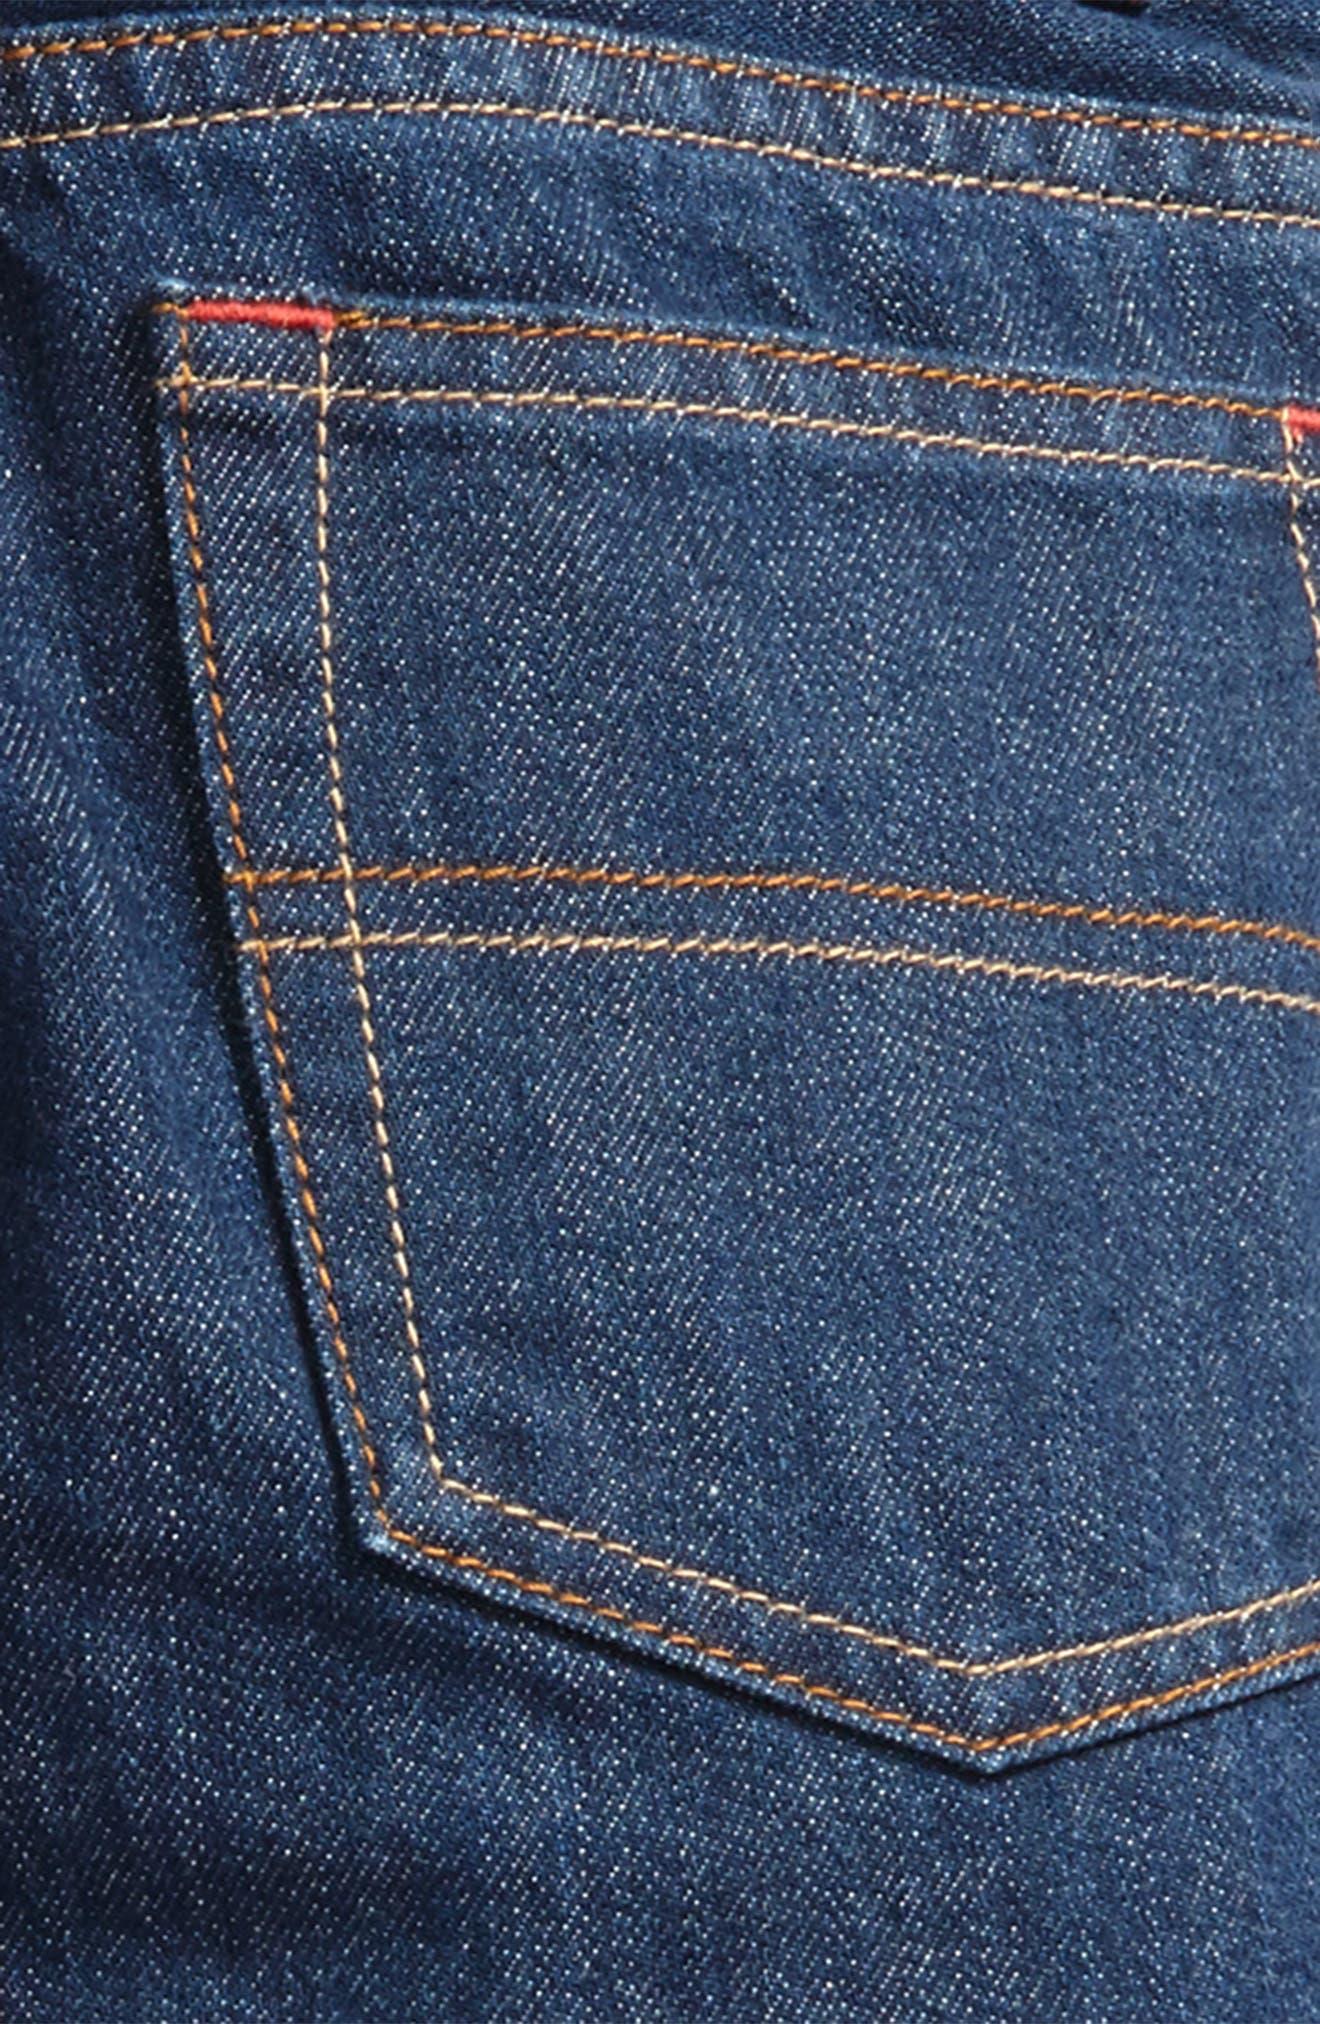 Alternate Image 3  - Mini Boden Straight Leg Jeans (Toddler Boys, Little Boys & Big Boys)